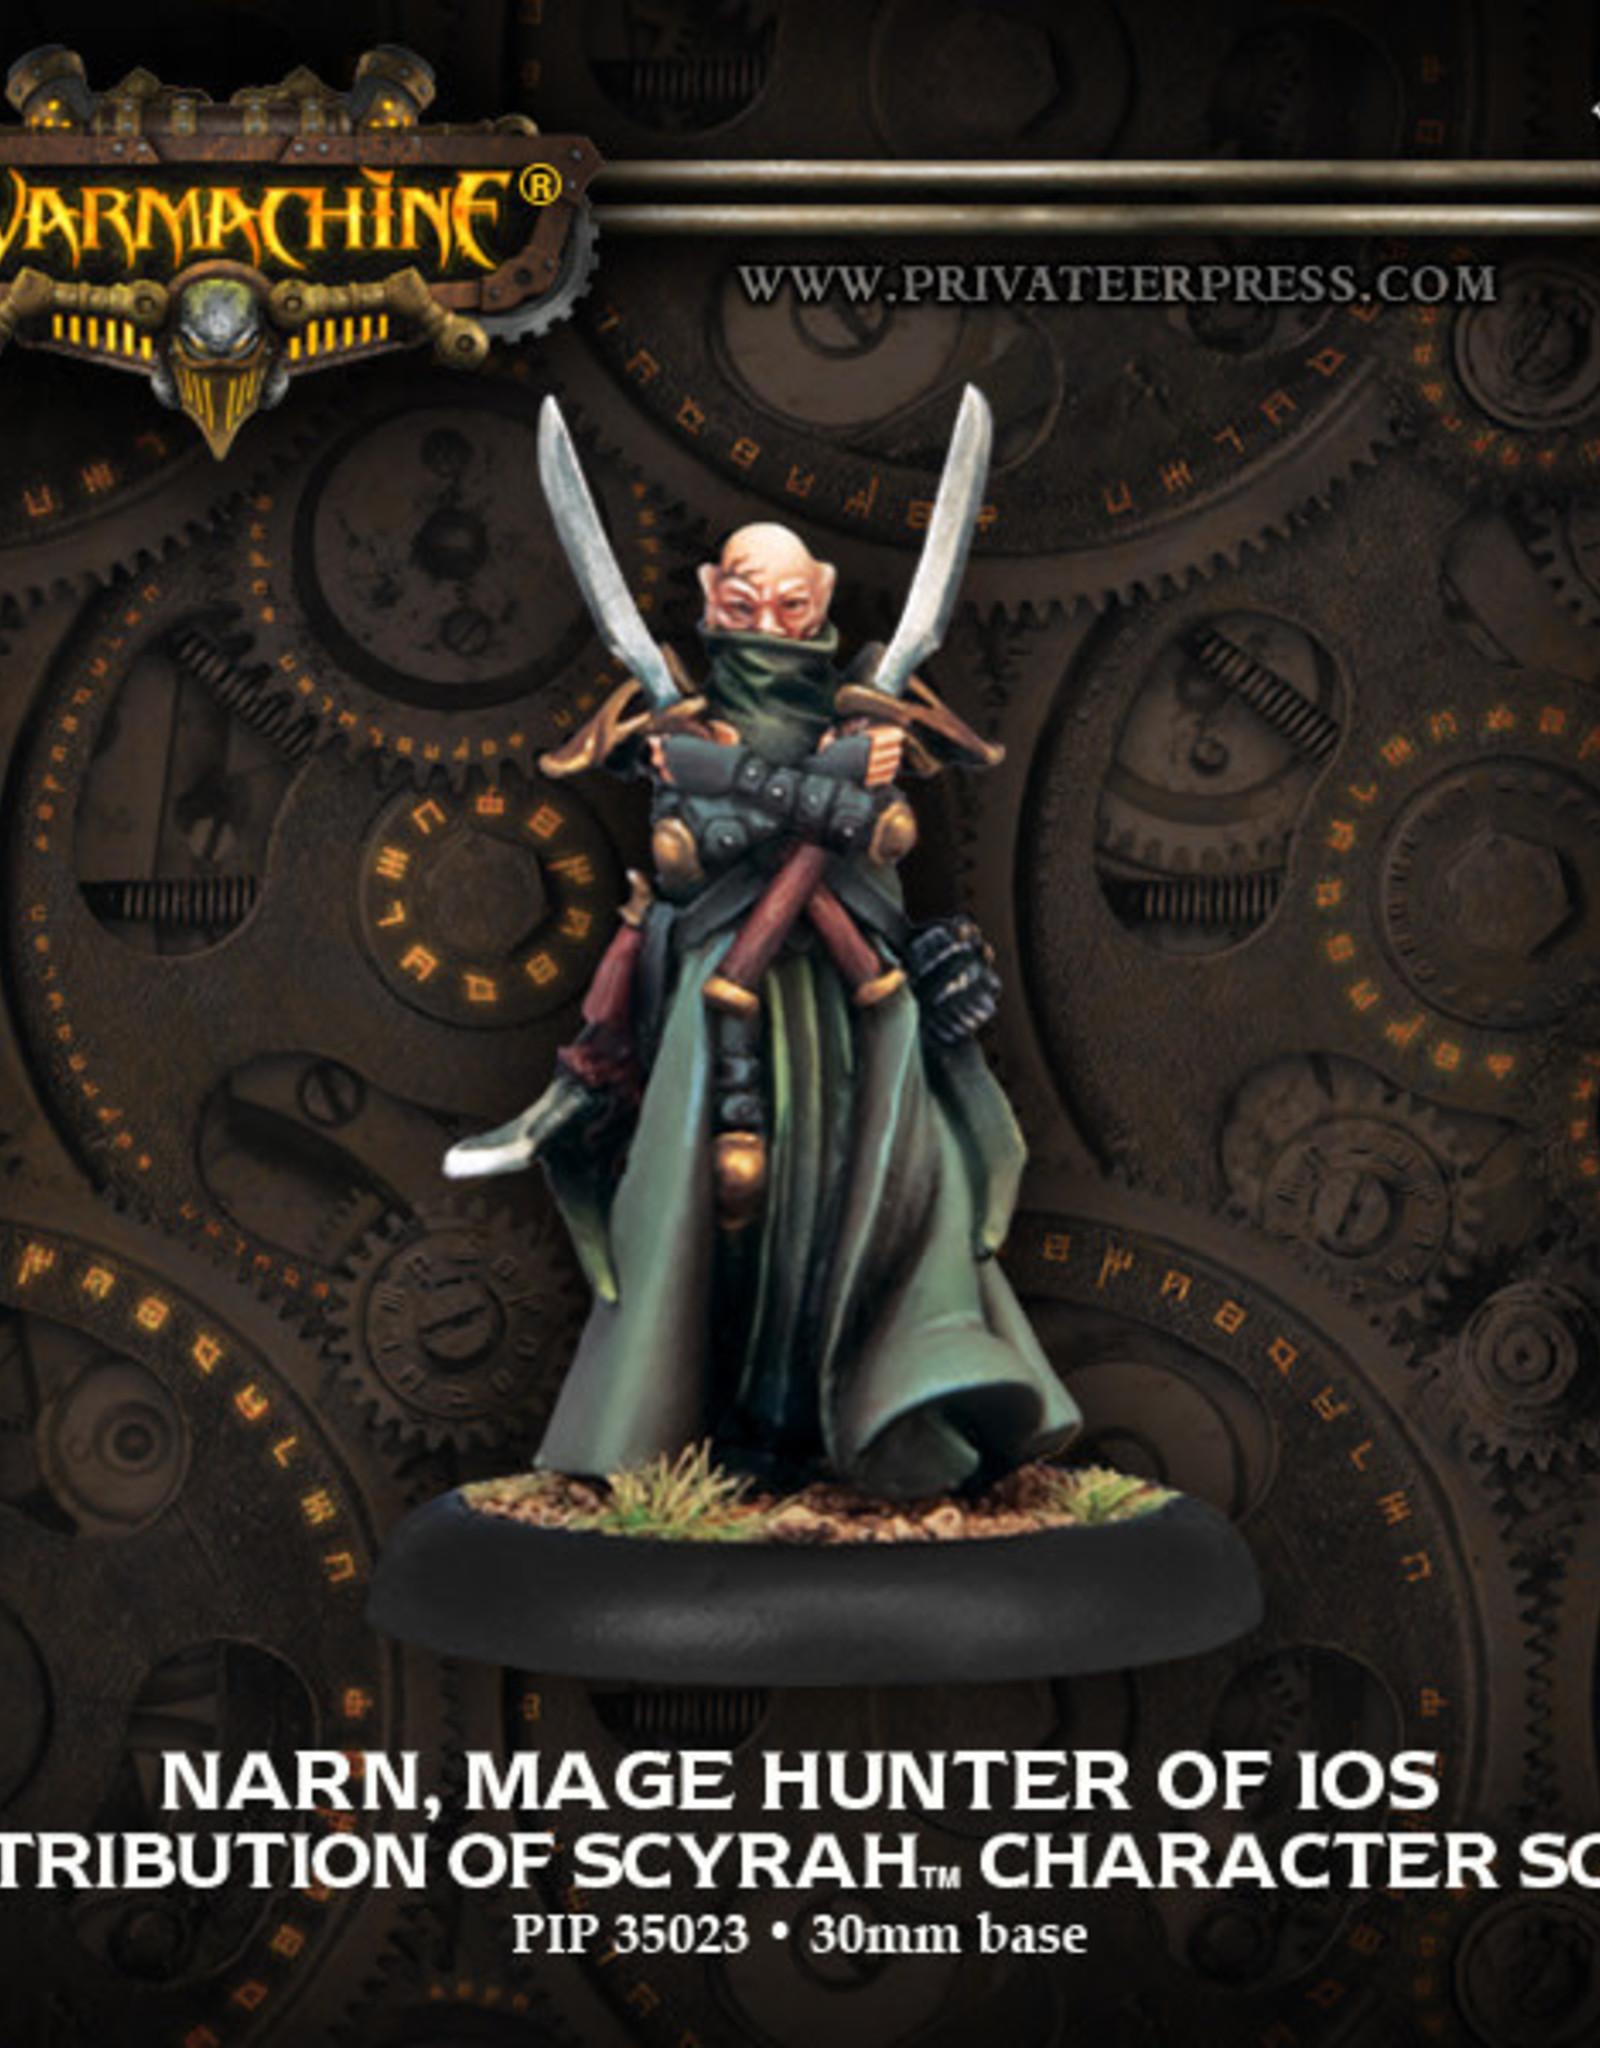 Warmachine Scyrah - Narn, Mage Hunter